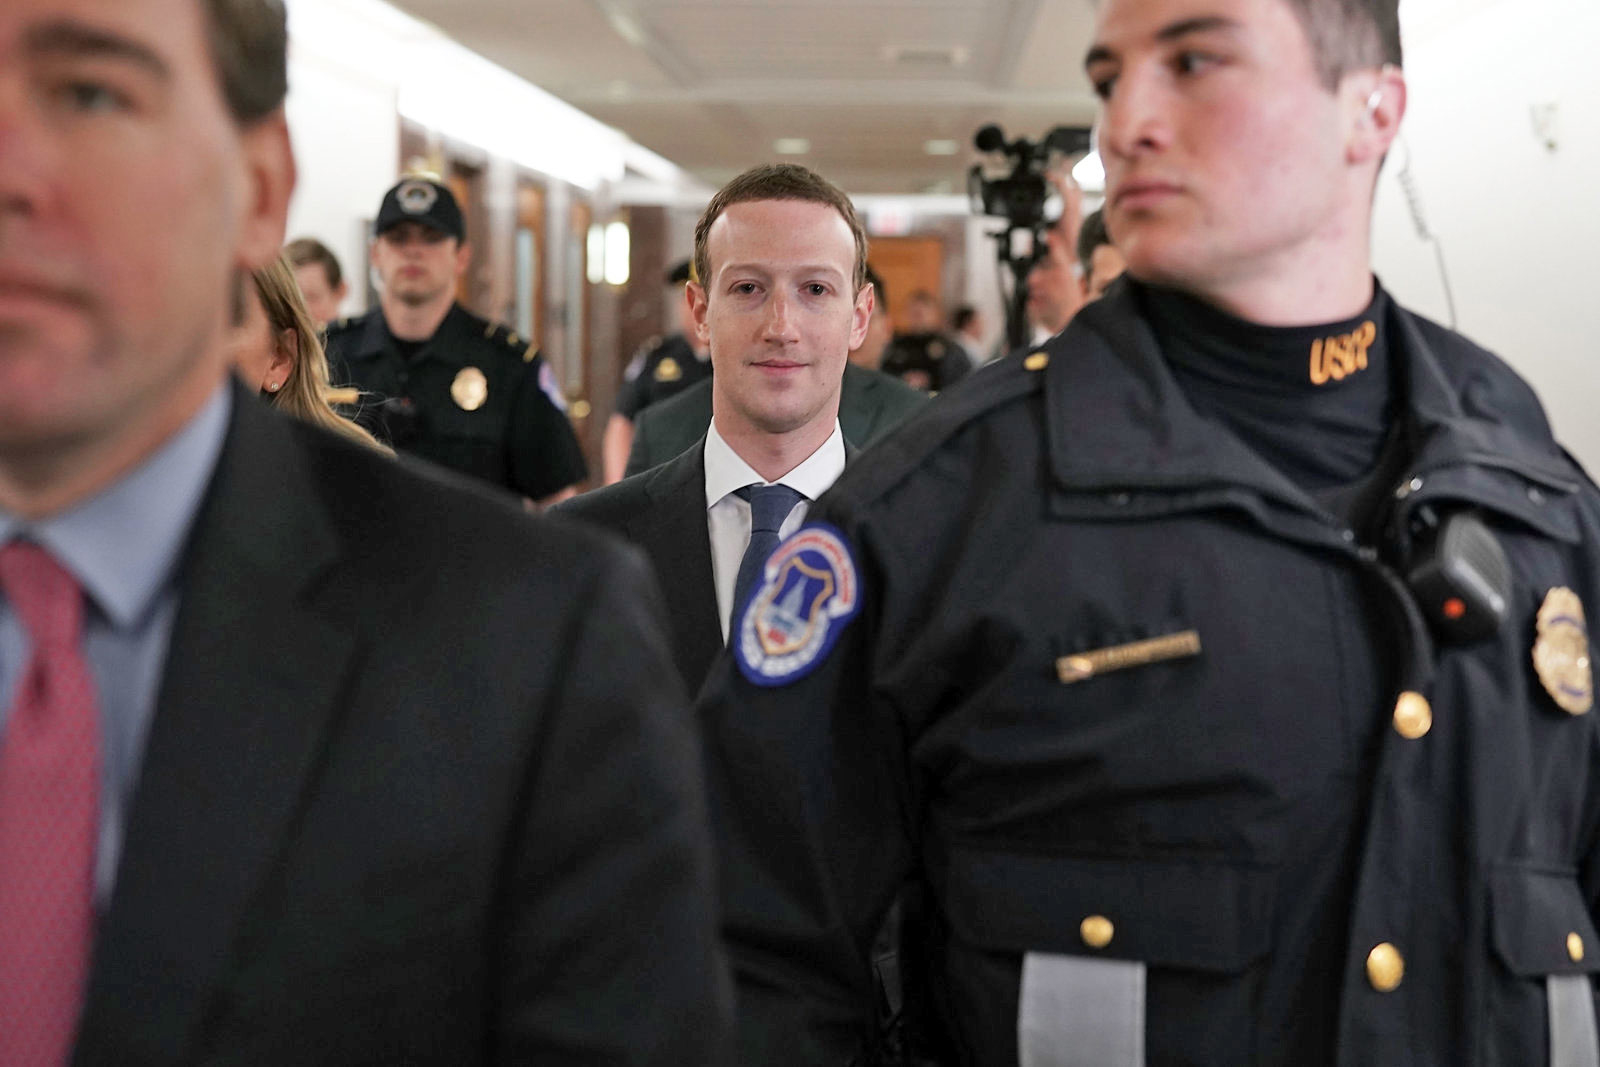 Facebook a pagamento